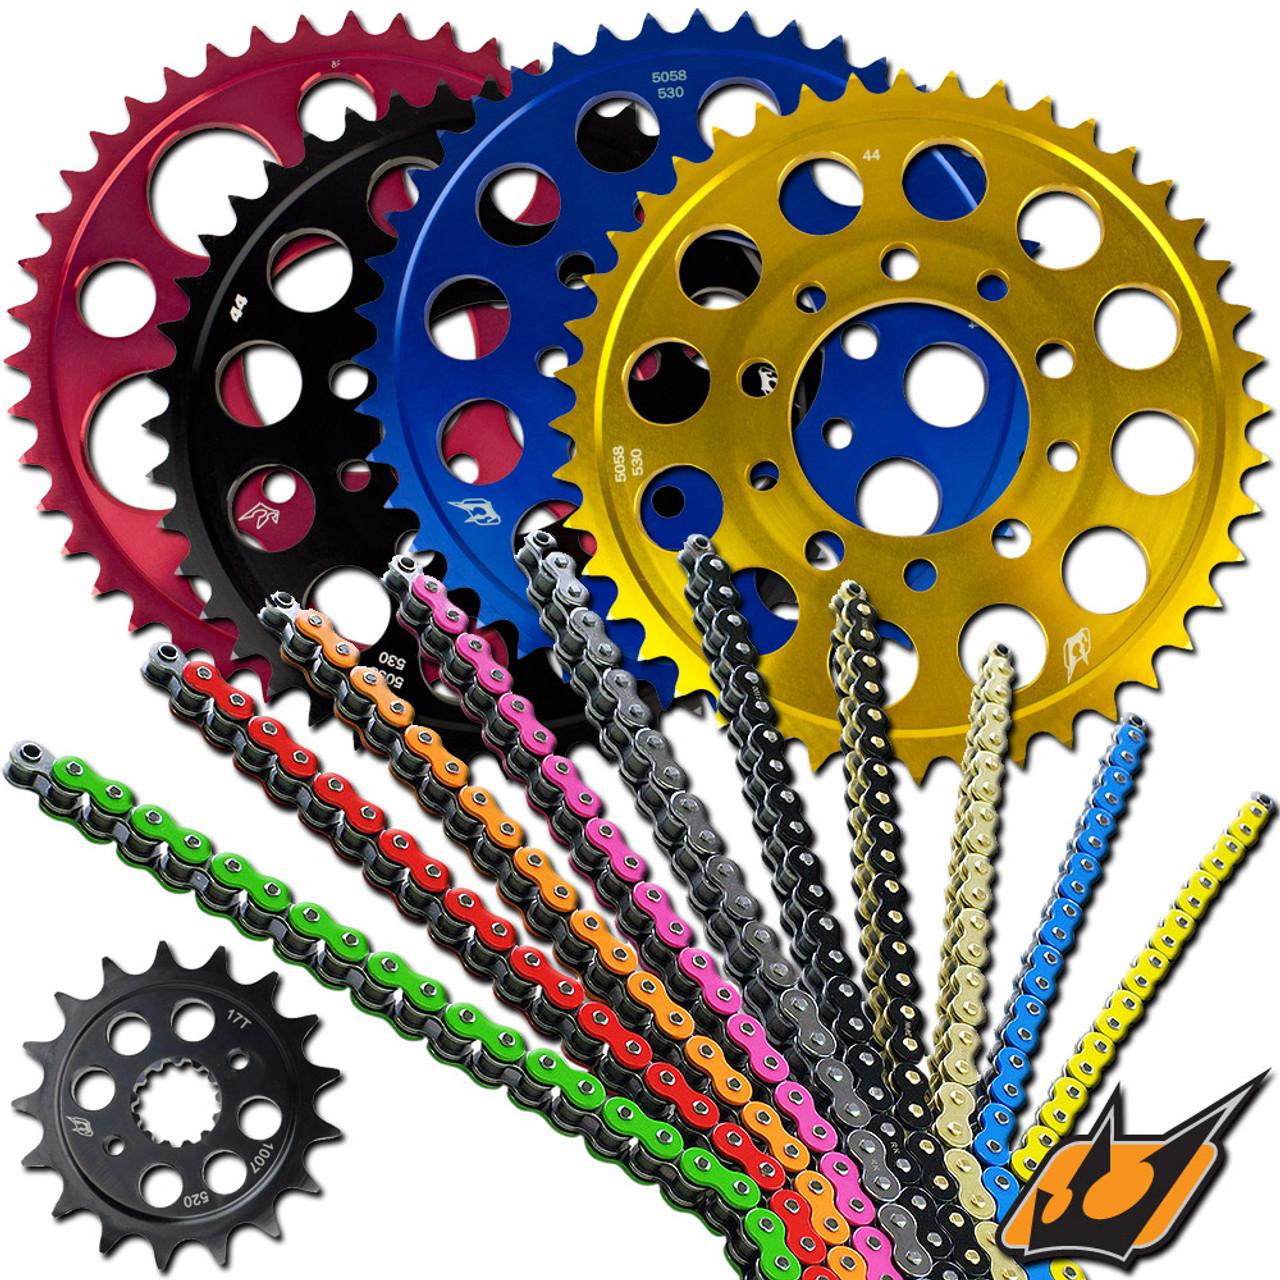 Driven 520 Chain and Sprocket Kit Suzuki GSX-R1000 17-18